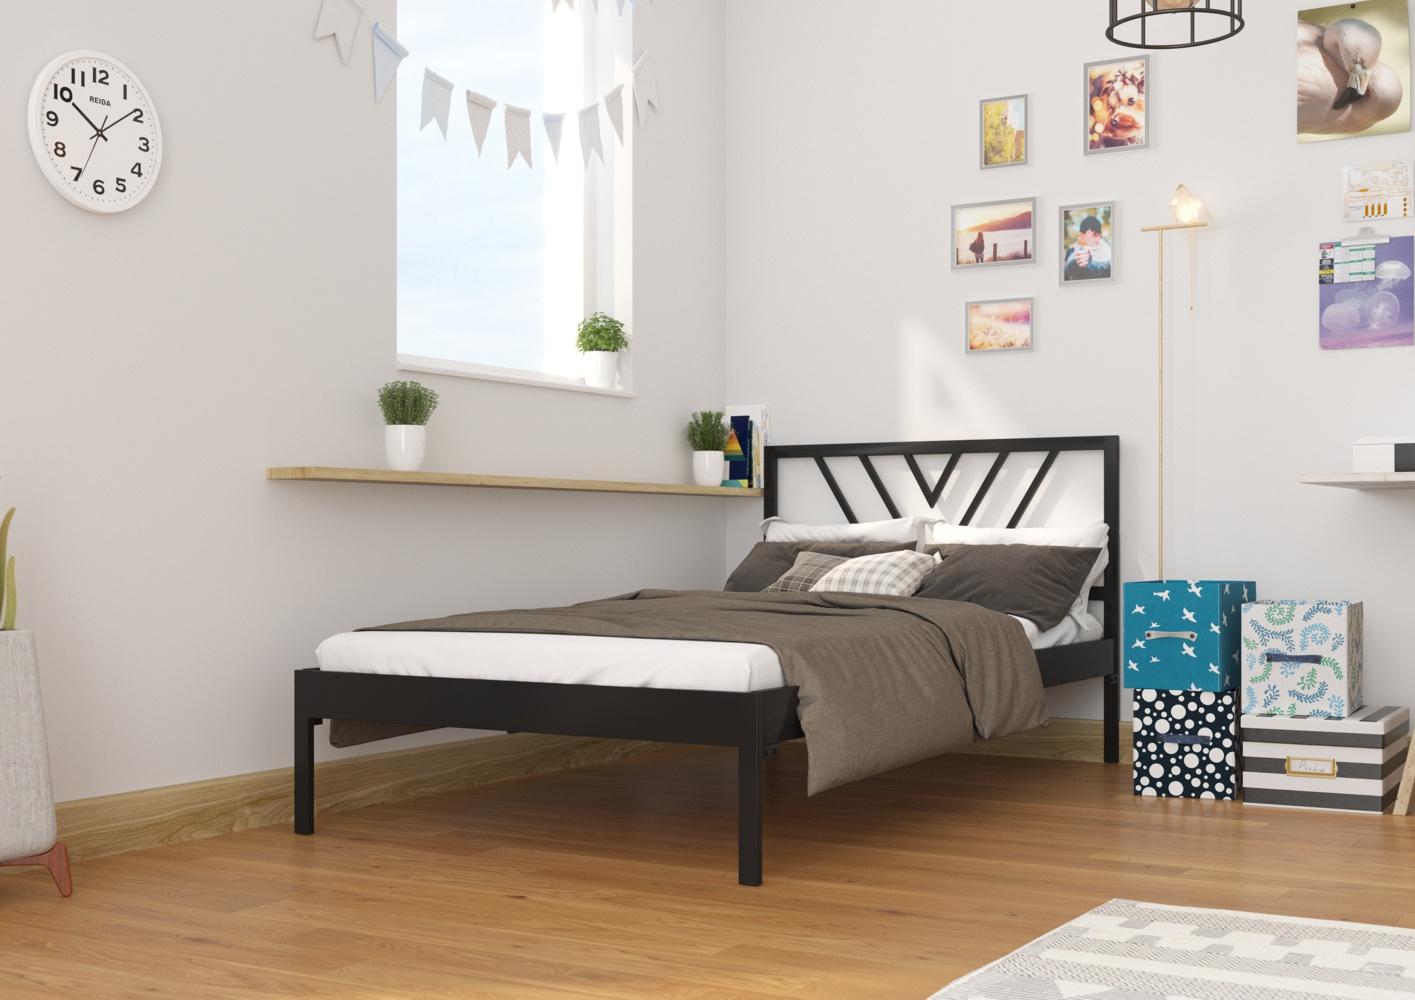 Łóżko metalowe wzór 5 na szerokość 120 cm